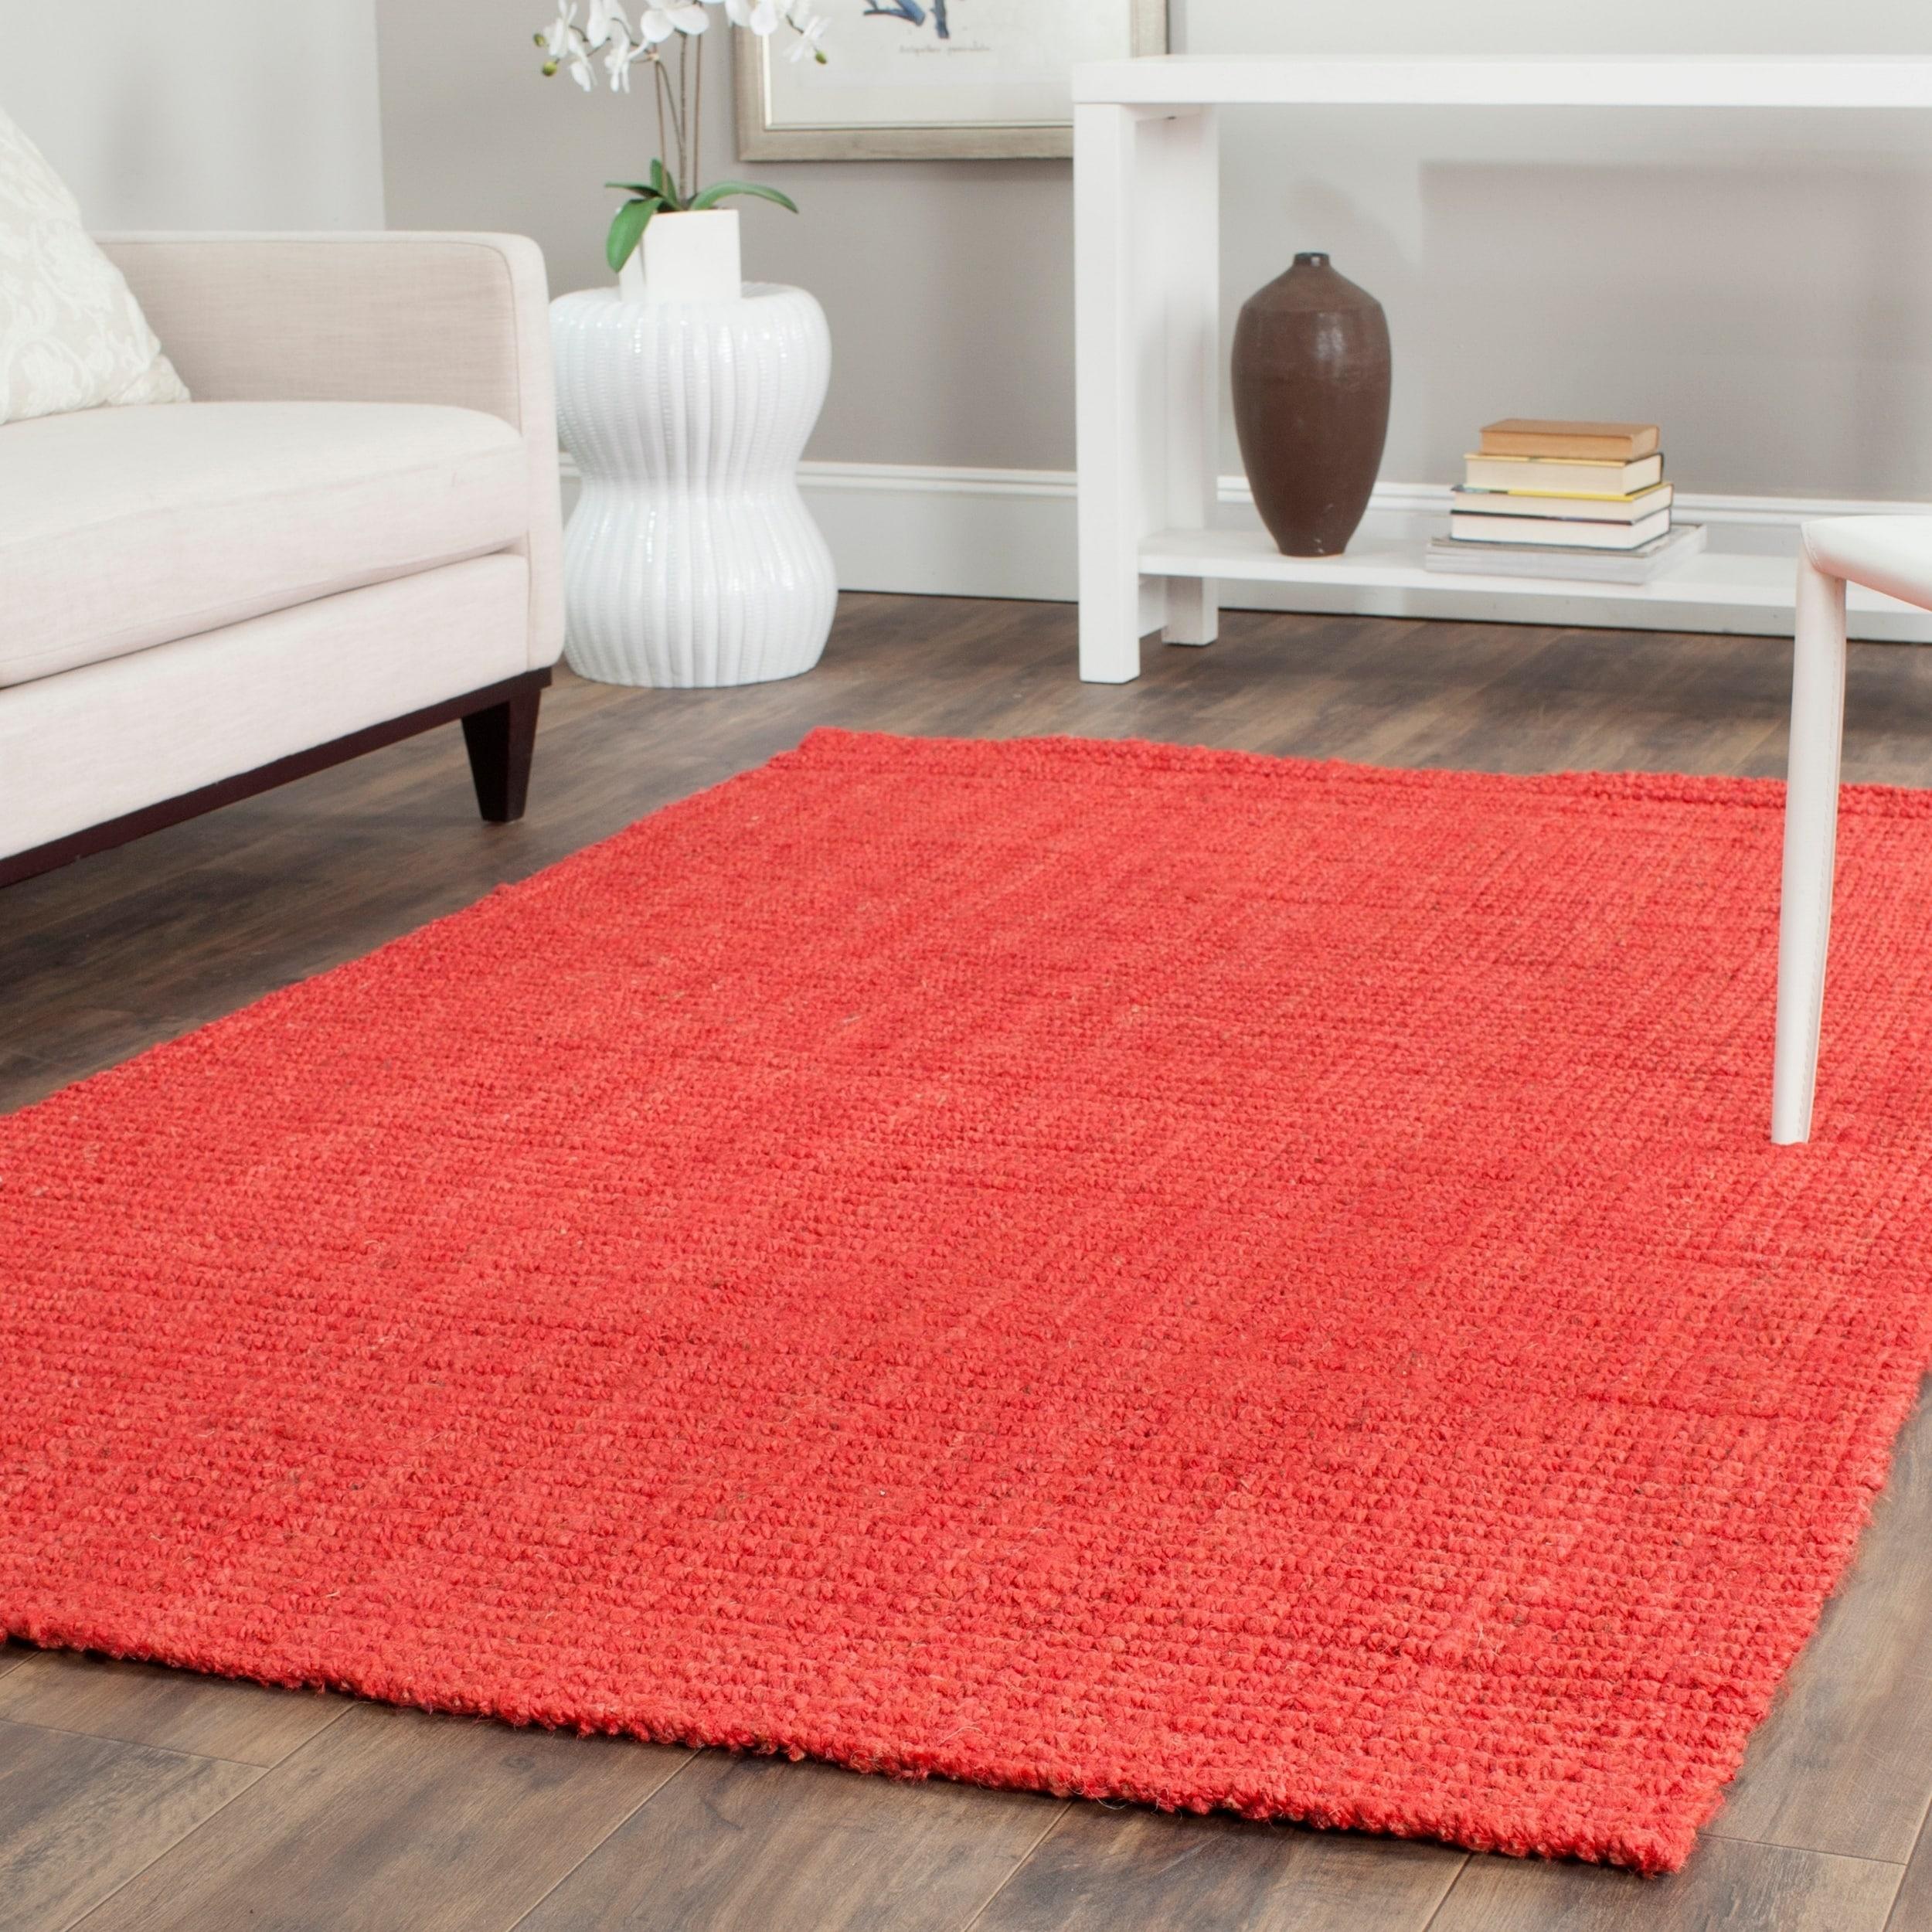 Safavieh Casual Natural Fiber Handmade Red Jute Rug (9' x...